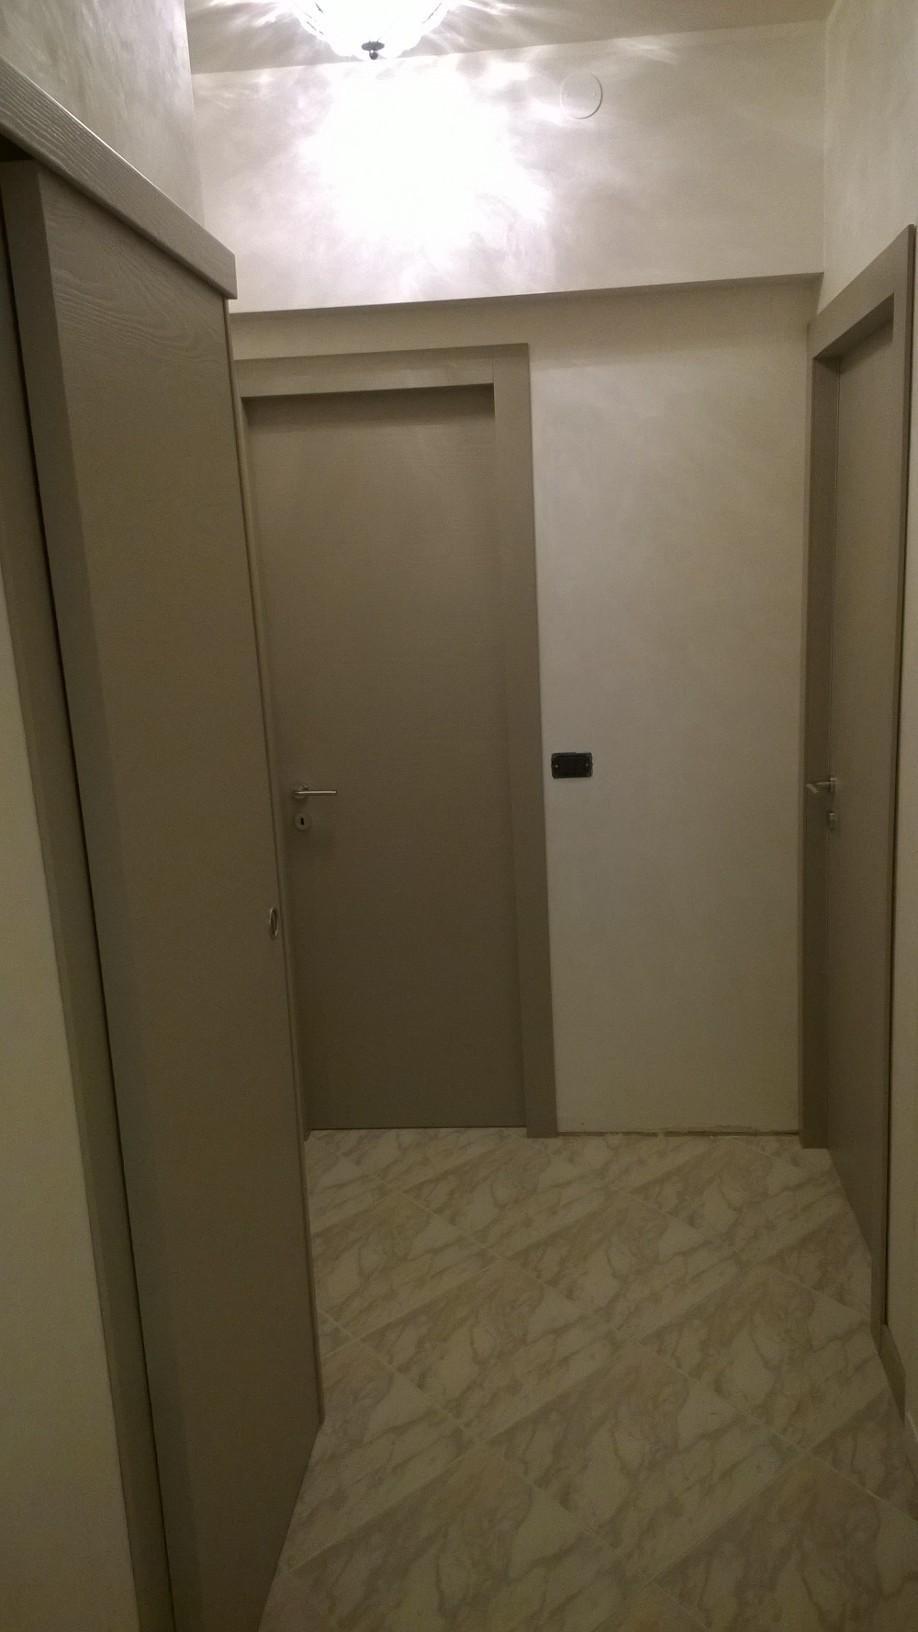 vista di un corridoio con porte interni in laminato